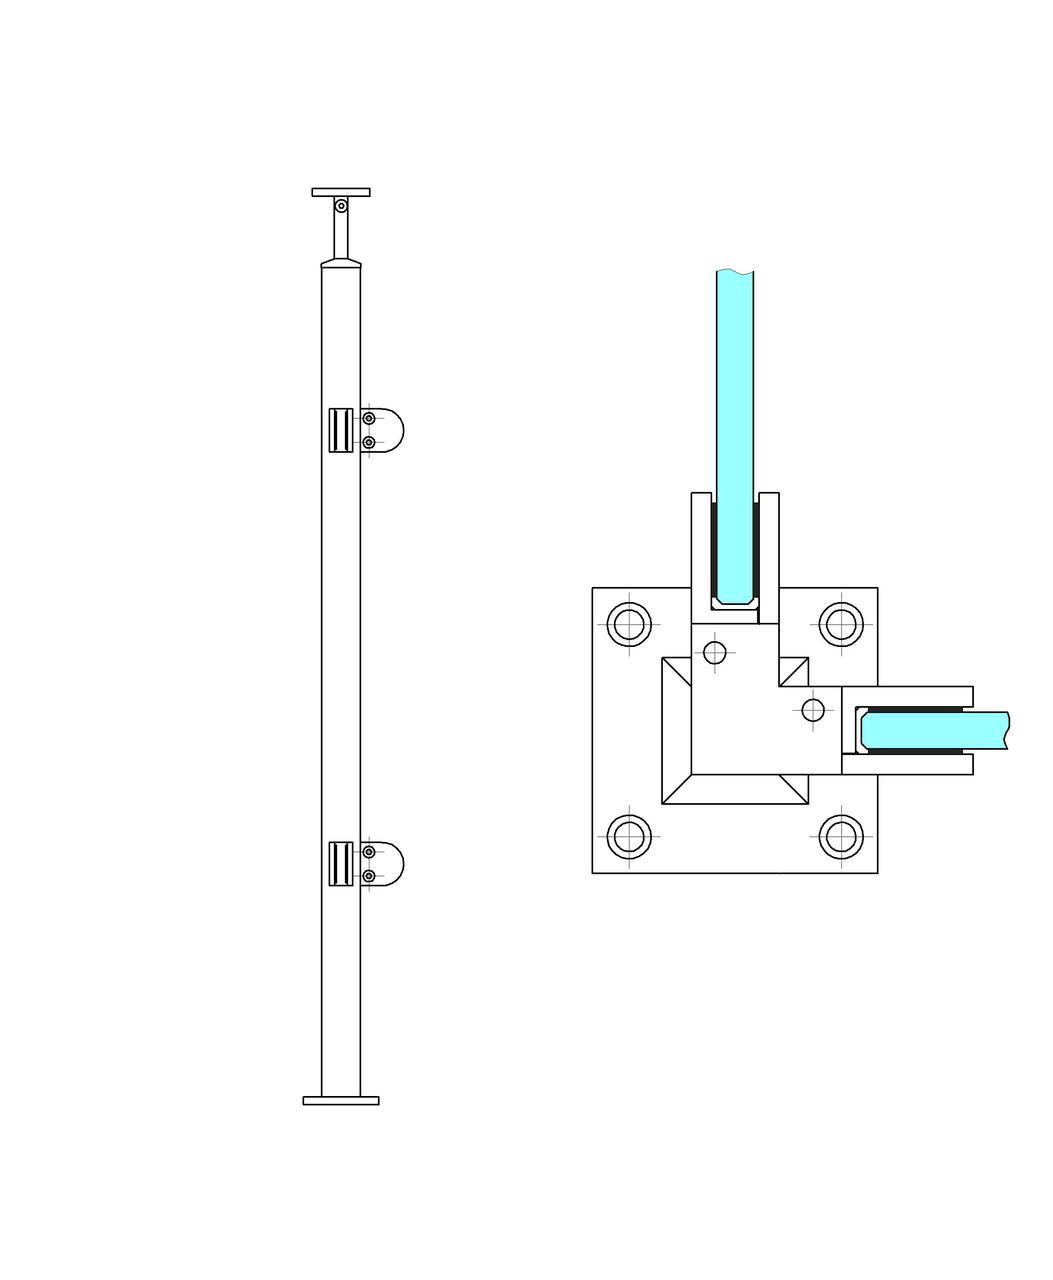 ODF-19-08-01-H950 Угловая стойка ограждения под стеклянное наполнение и квадратный поручень